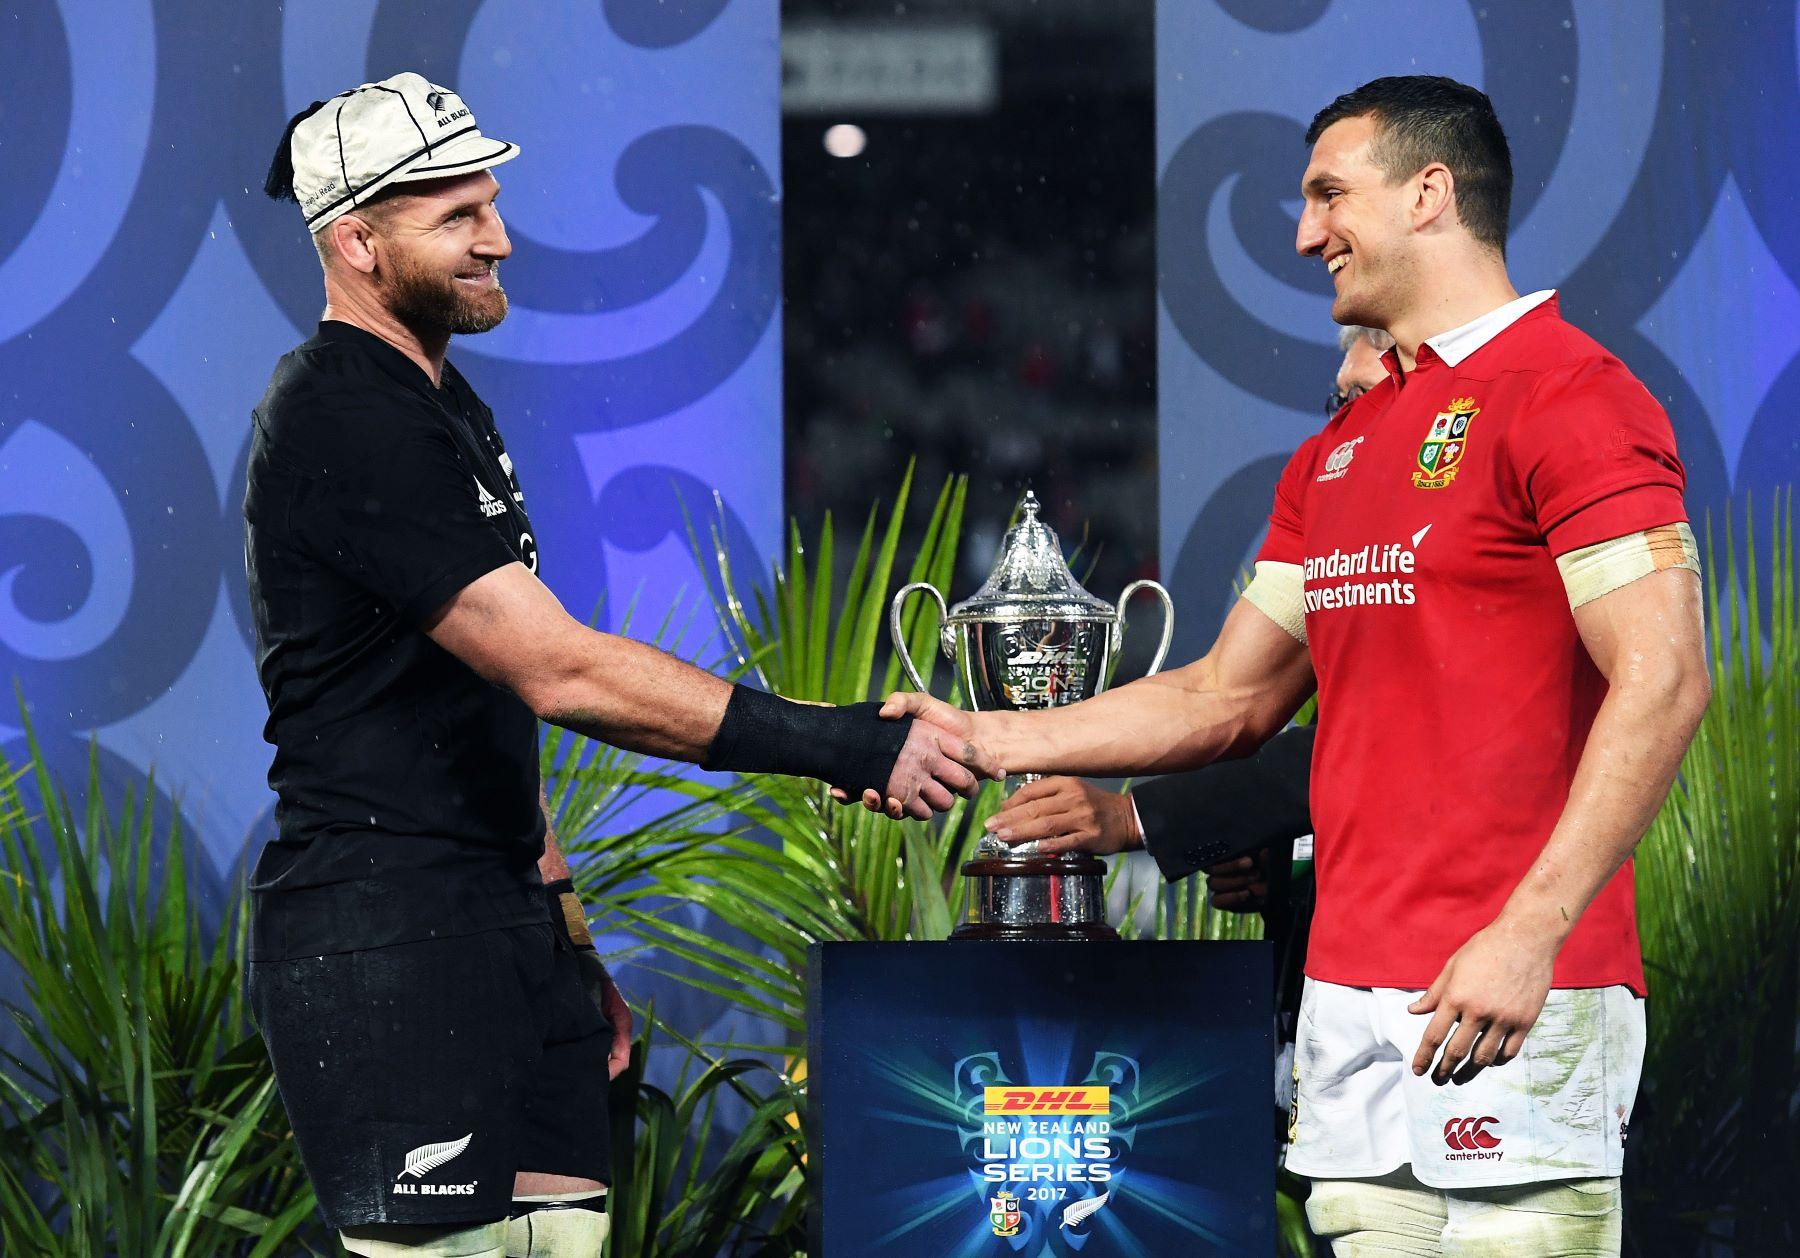 The british and irish lions handshake